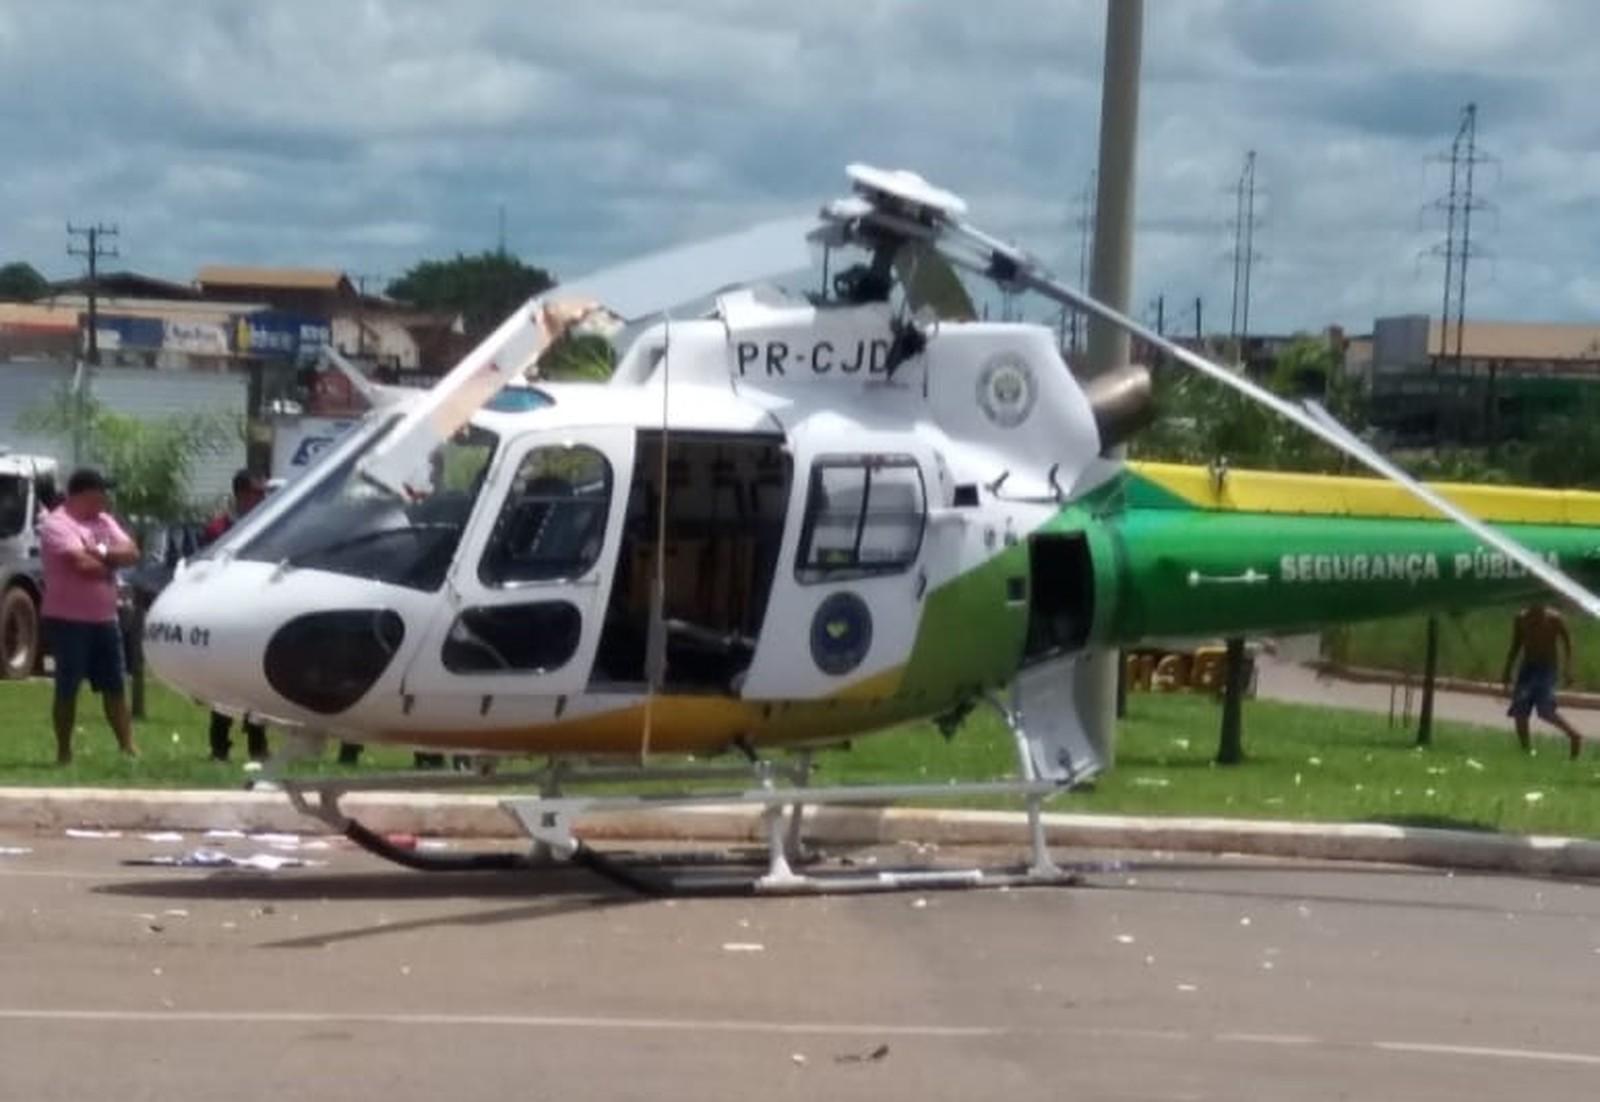 Hélice de helicóptero do Ciopaer bate em caminhão ao iniciar decolagem em Rio Branco